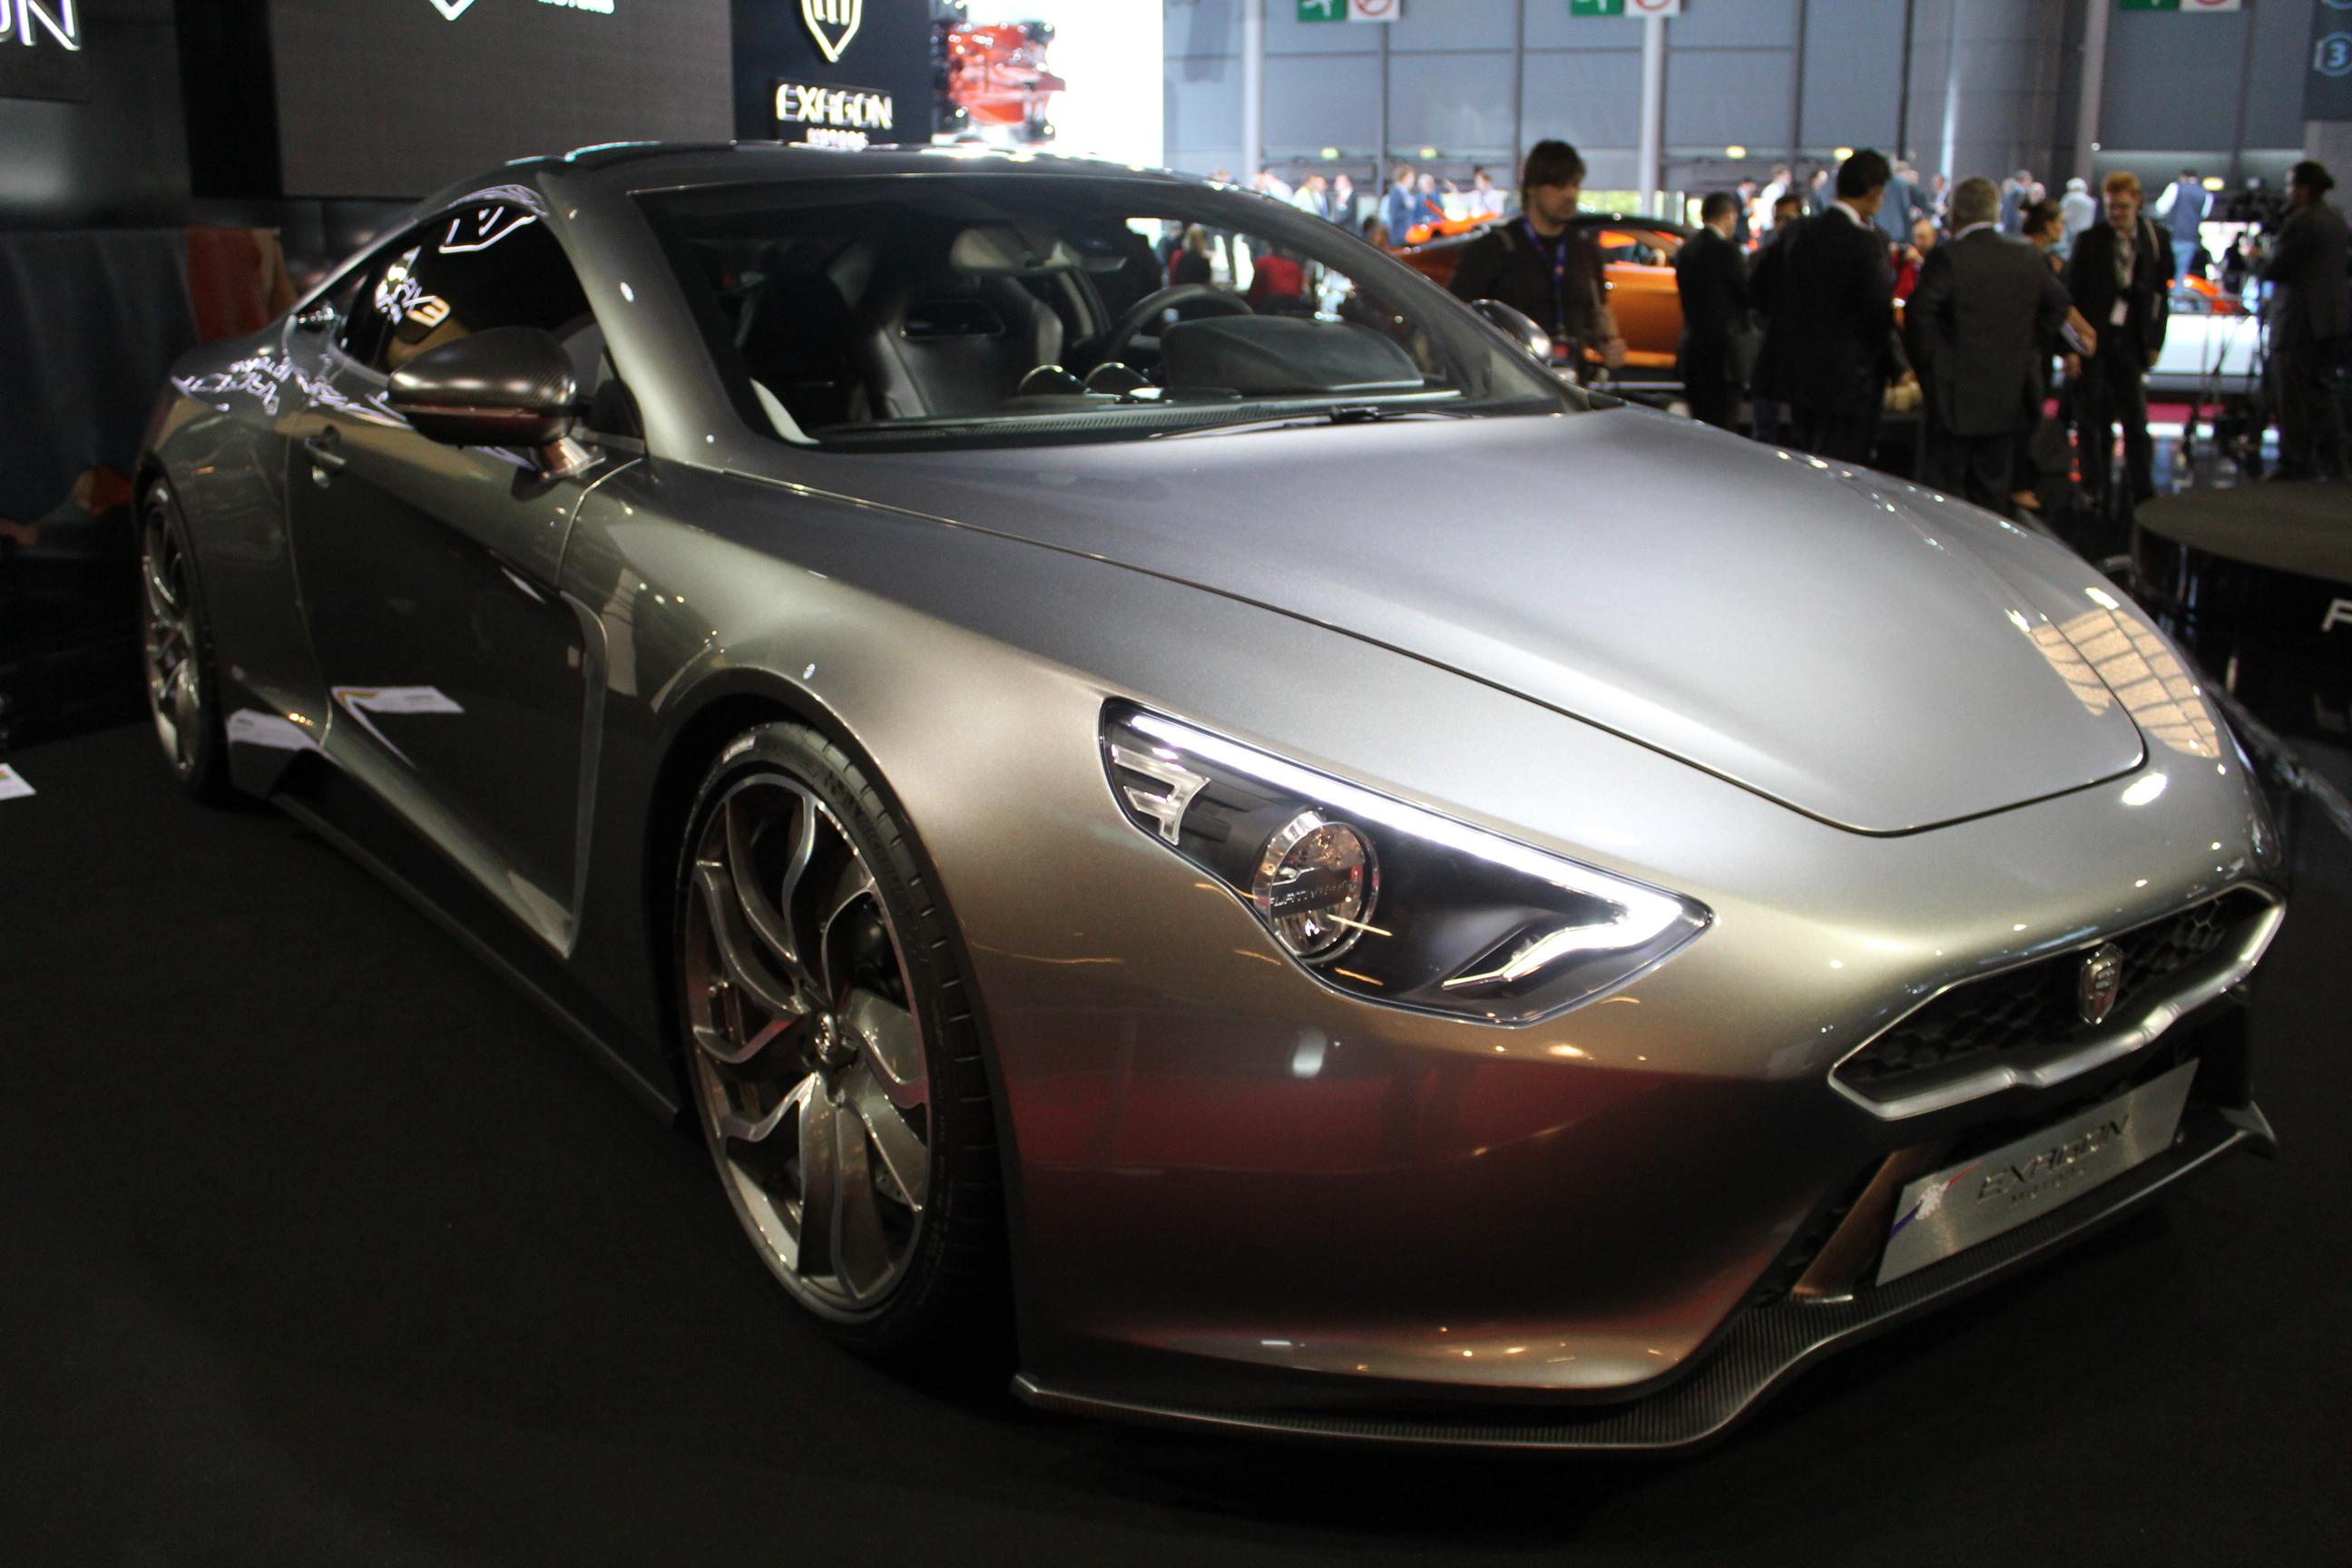 http://images.caradisiac.com/images/1/3/7/5/81375/S0-En-direct-du-Mondial-2012-Exagon-Motors-Furtive-e-GT-une-Fisker-Karma-a-la-francaise-274393.jpg